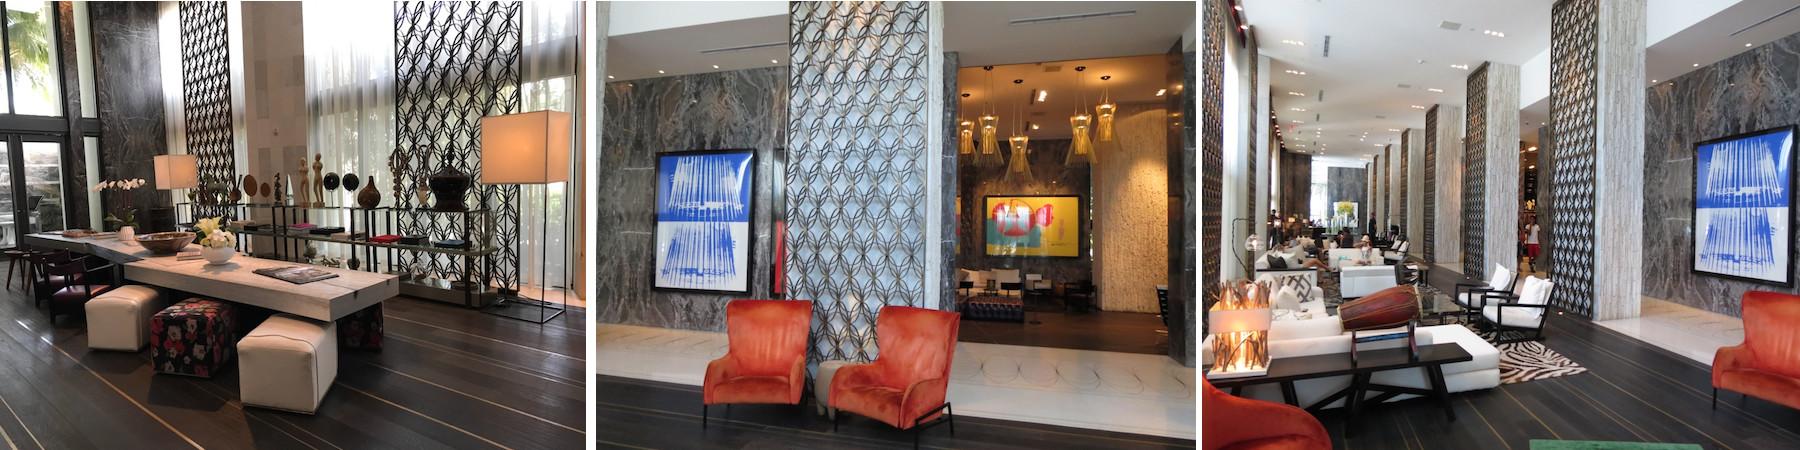 lobby w south beach